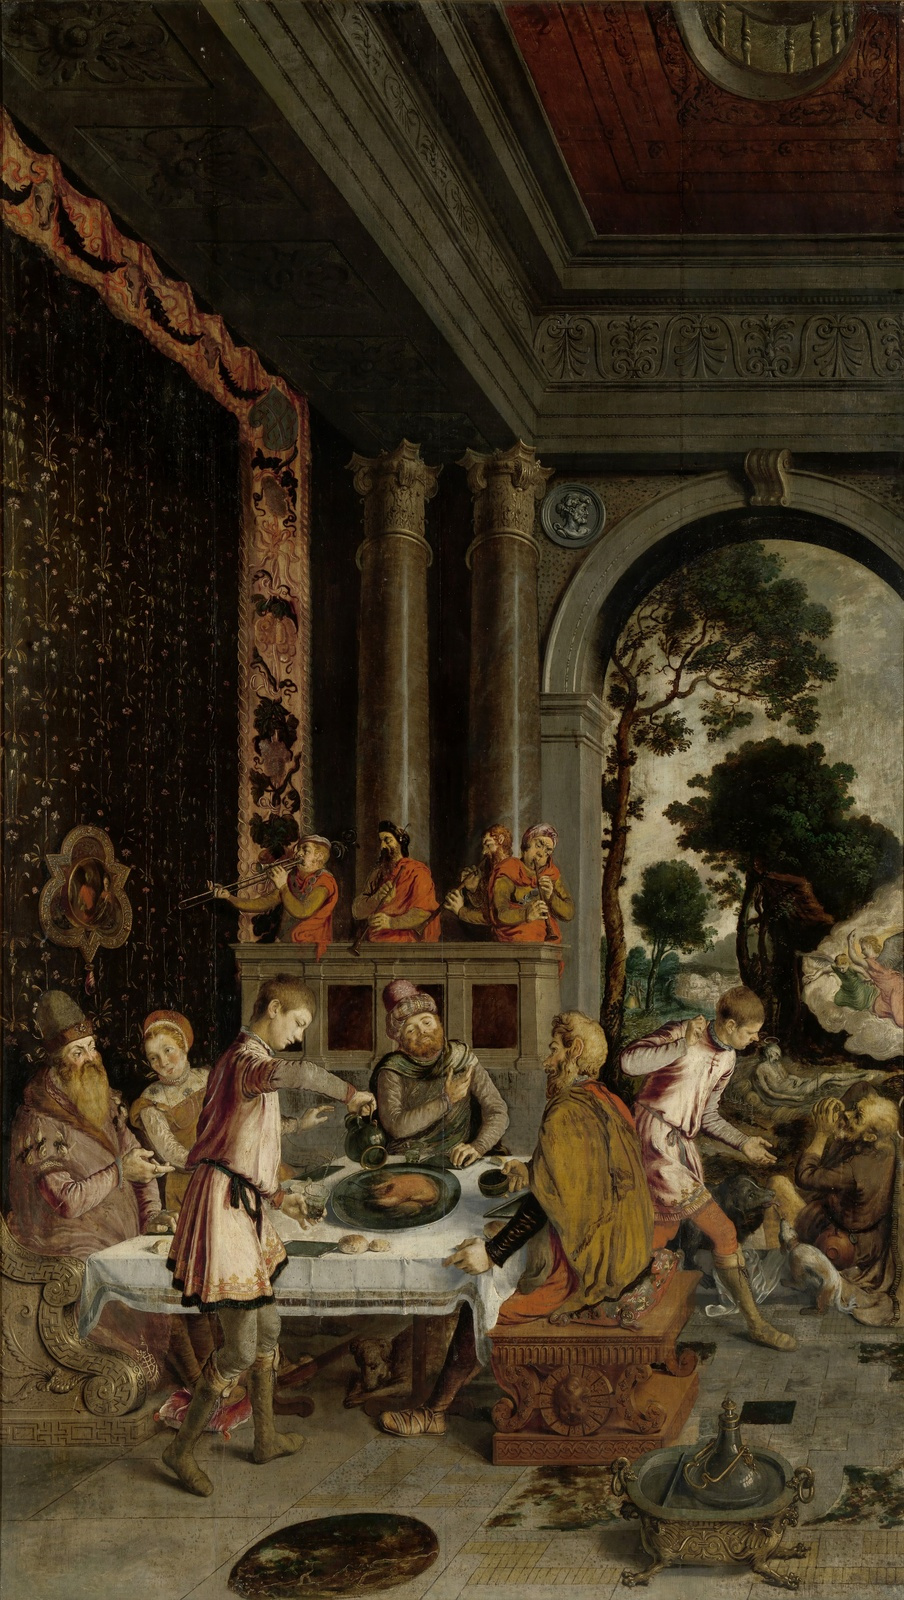 Неизвестный  художник. Нидерландская школа. 1550-1575 Притча о богаче и Лазаре.